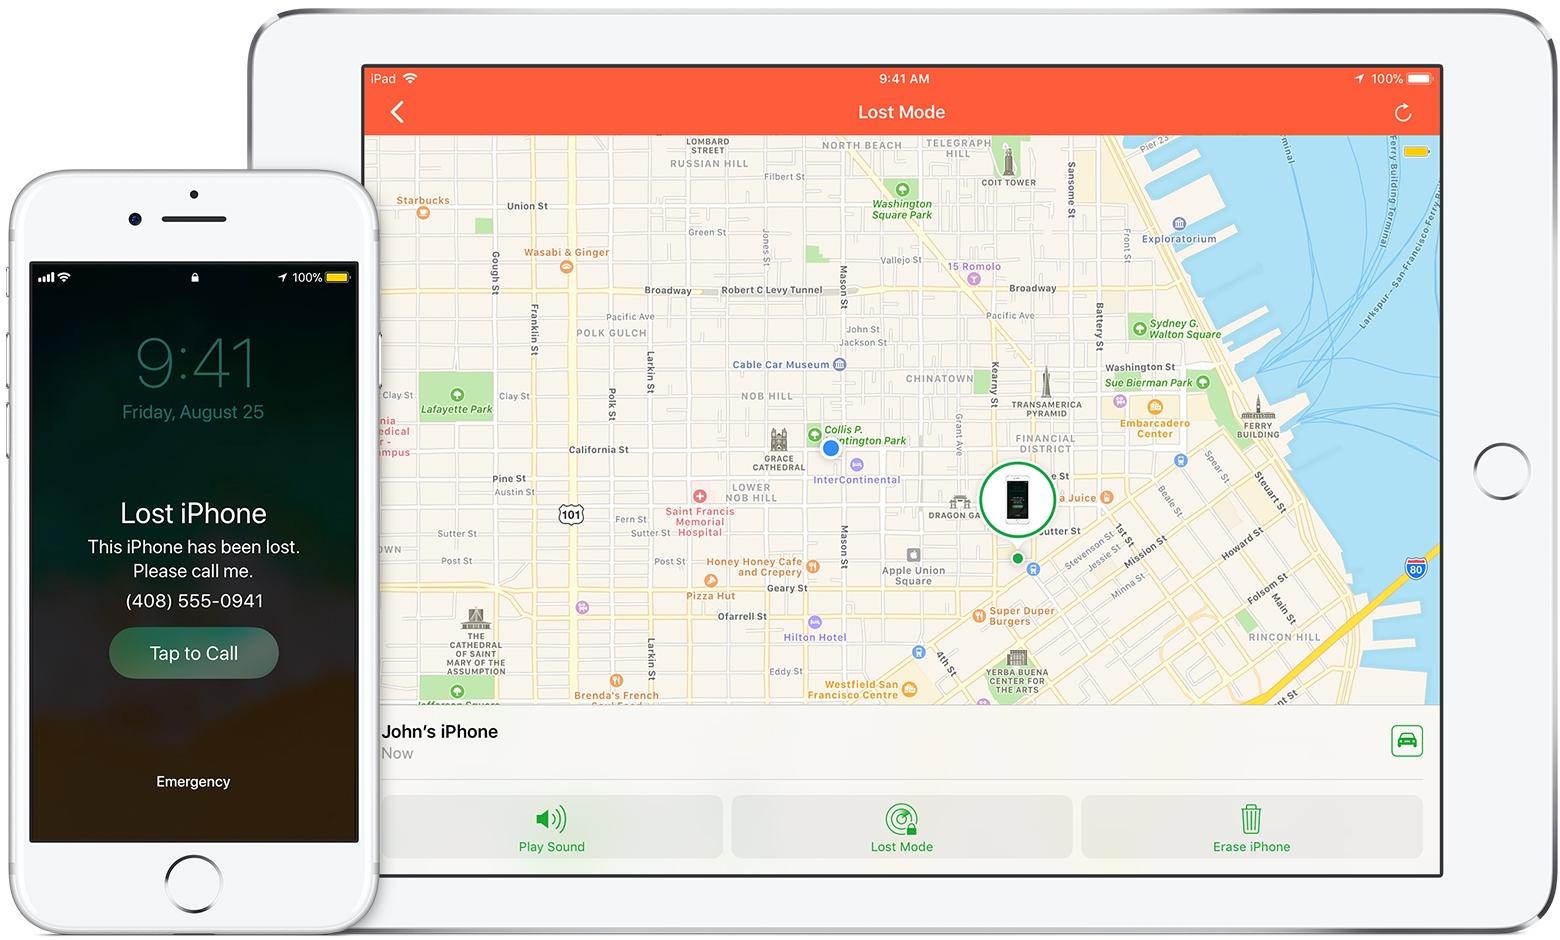 تطبيق Find My iPhone لحماية جهازك من السرقة و الحفاظ على خصوصيتك